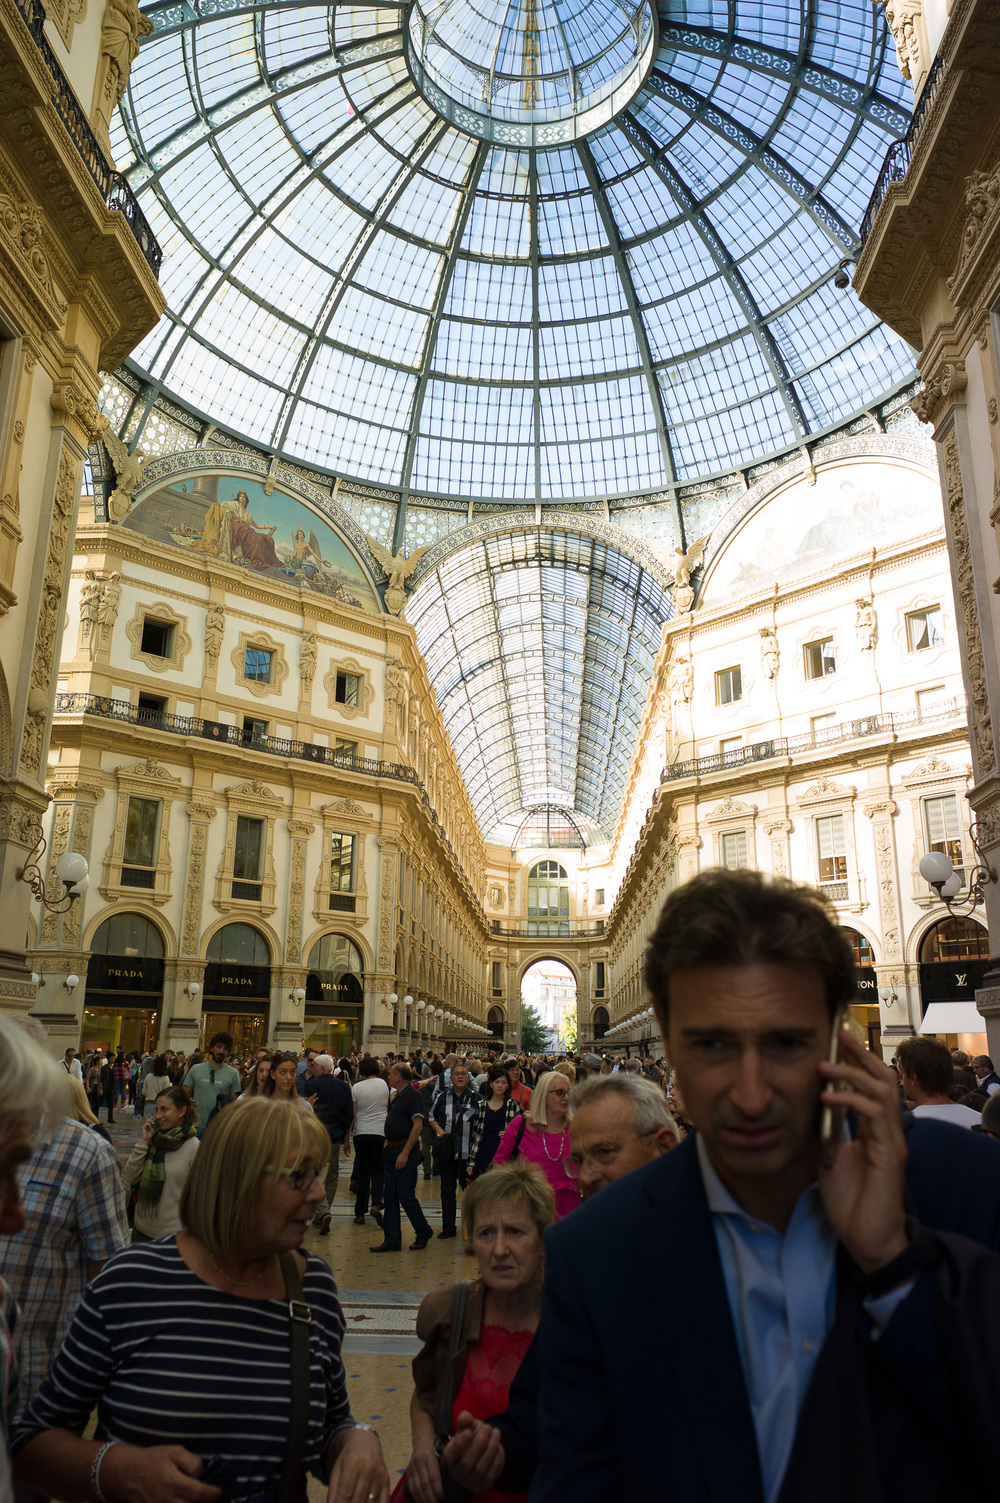 Galleria vittorio emanuele ii, Milan, Italy